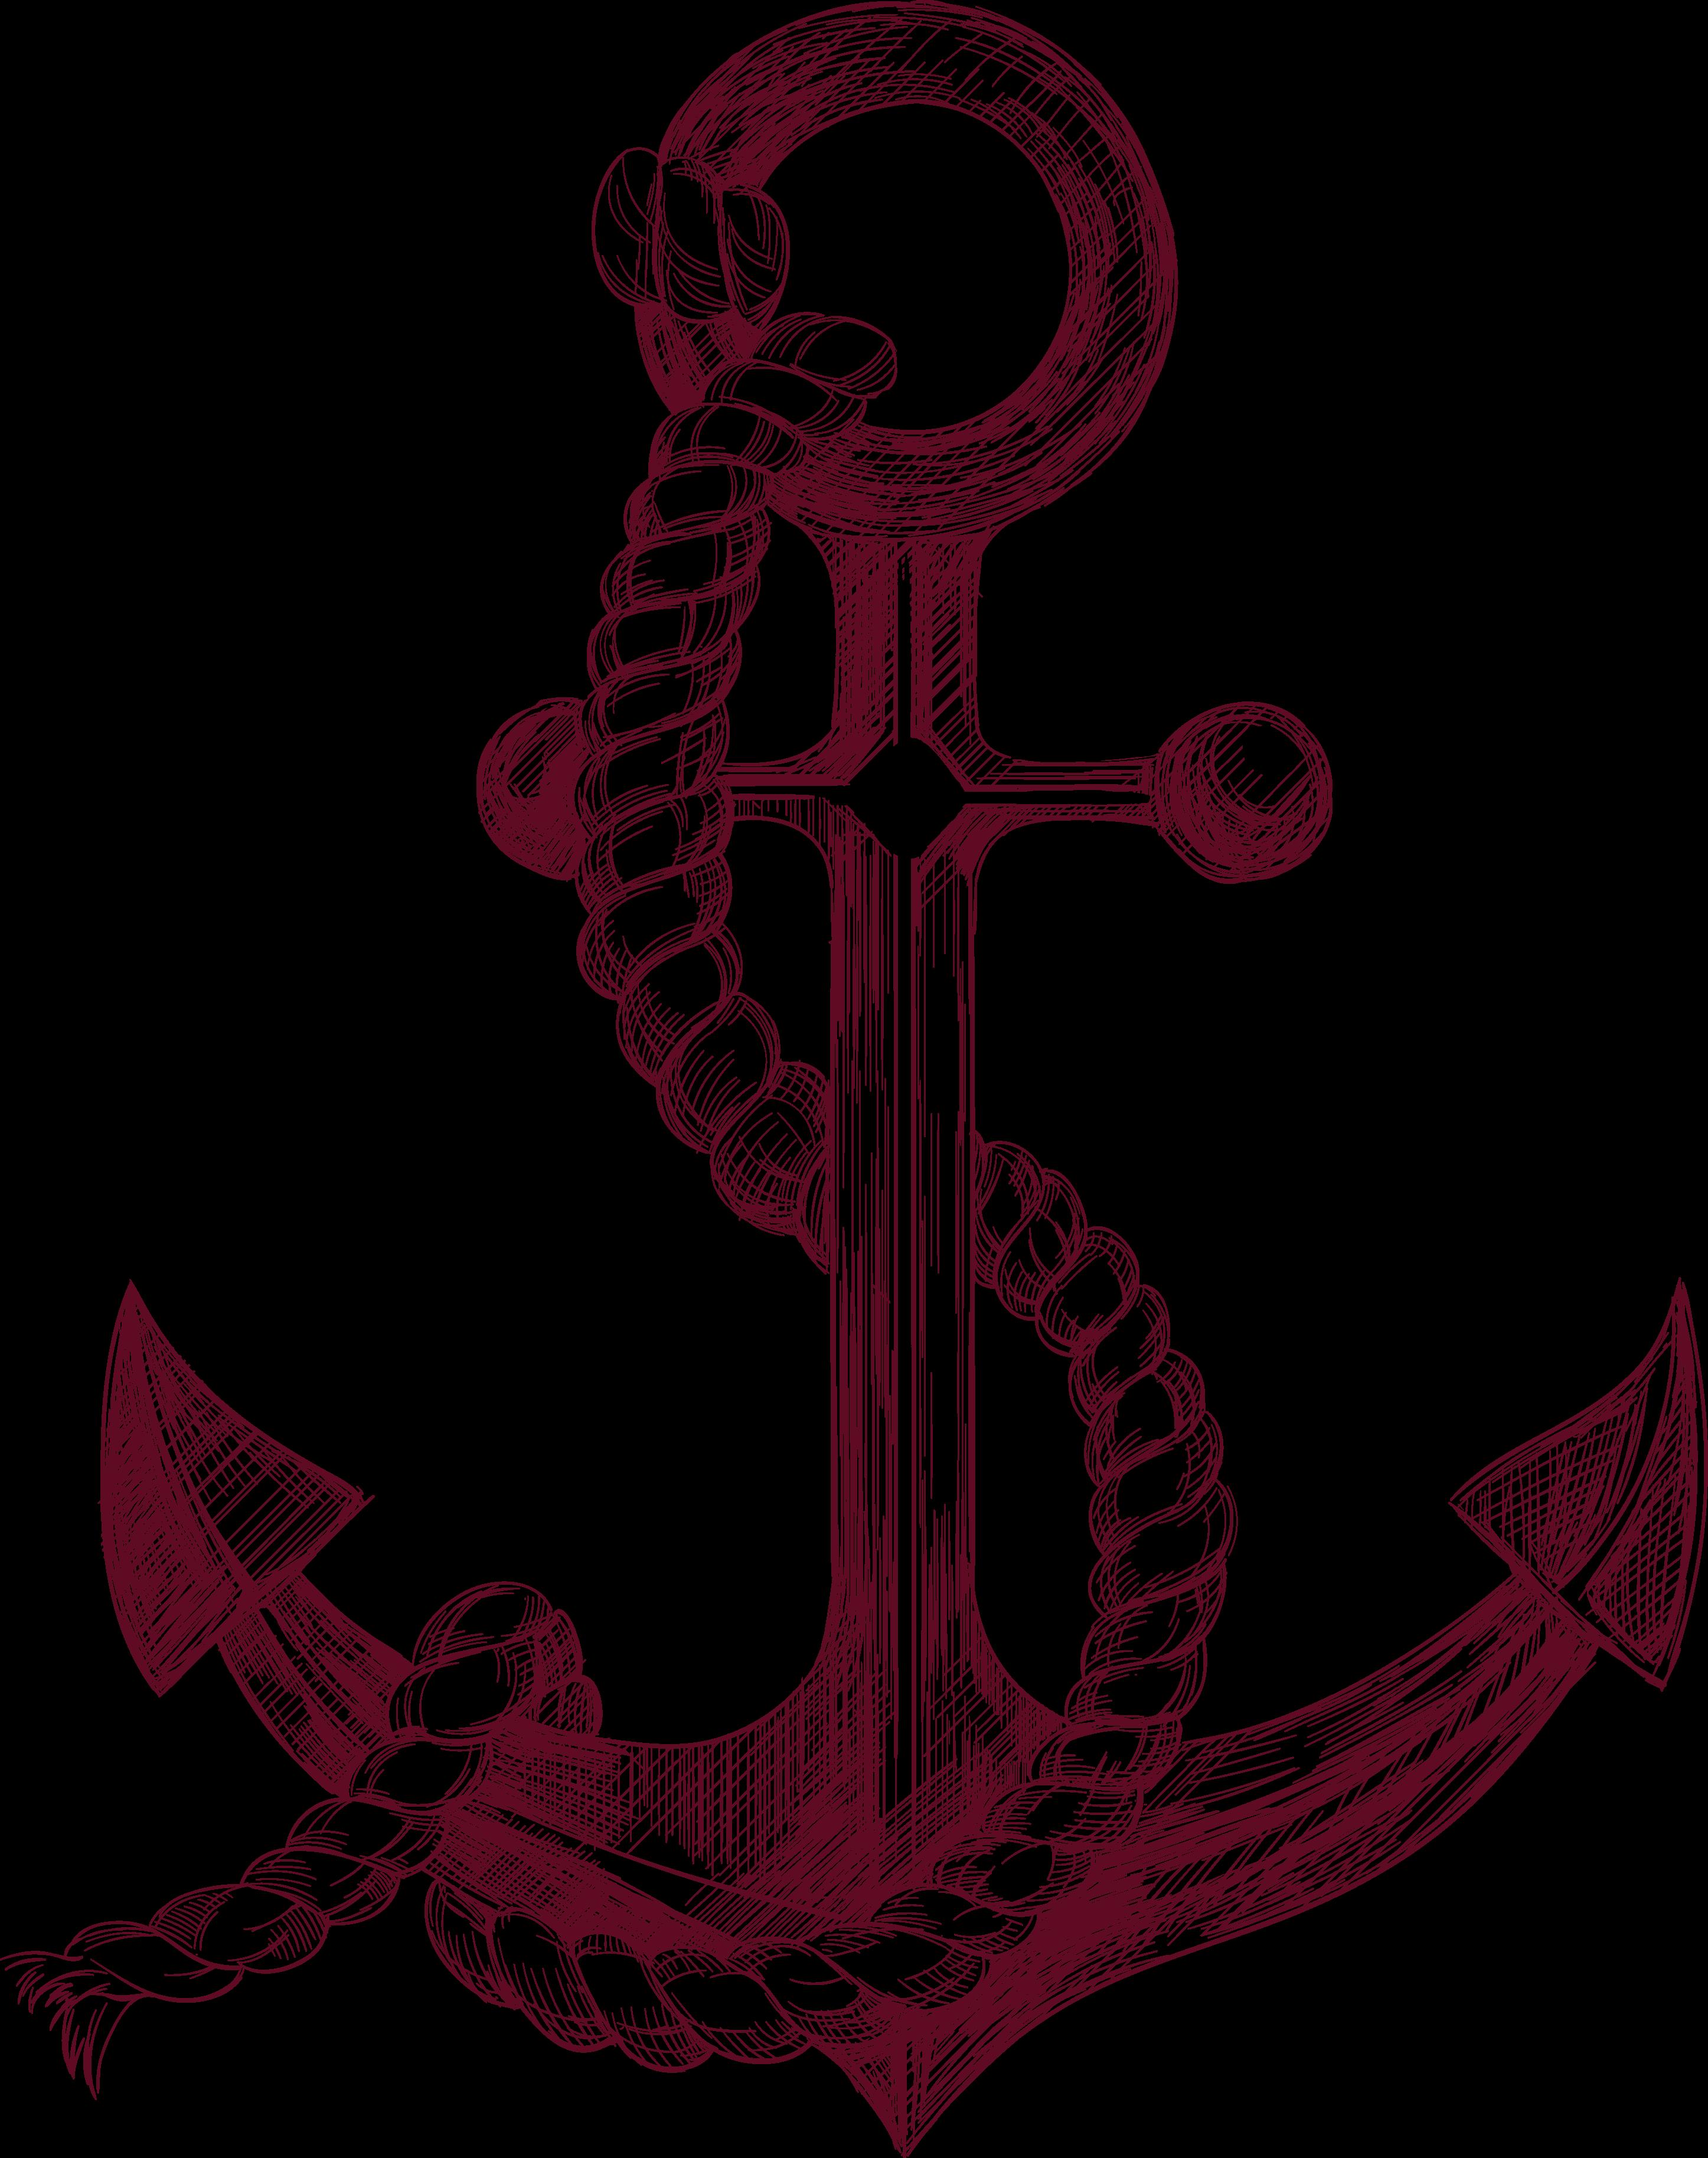 Sailor Drawing Anchor 238 Anchor Drawings Tattoo Design Drawings Anchor Tattoo Design